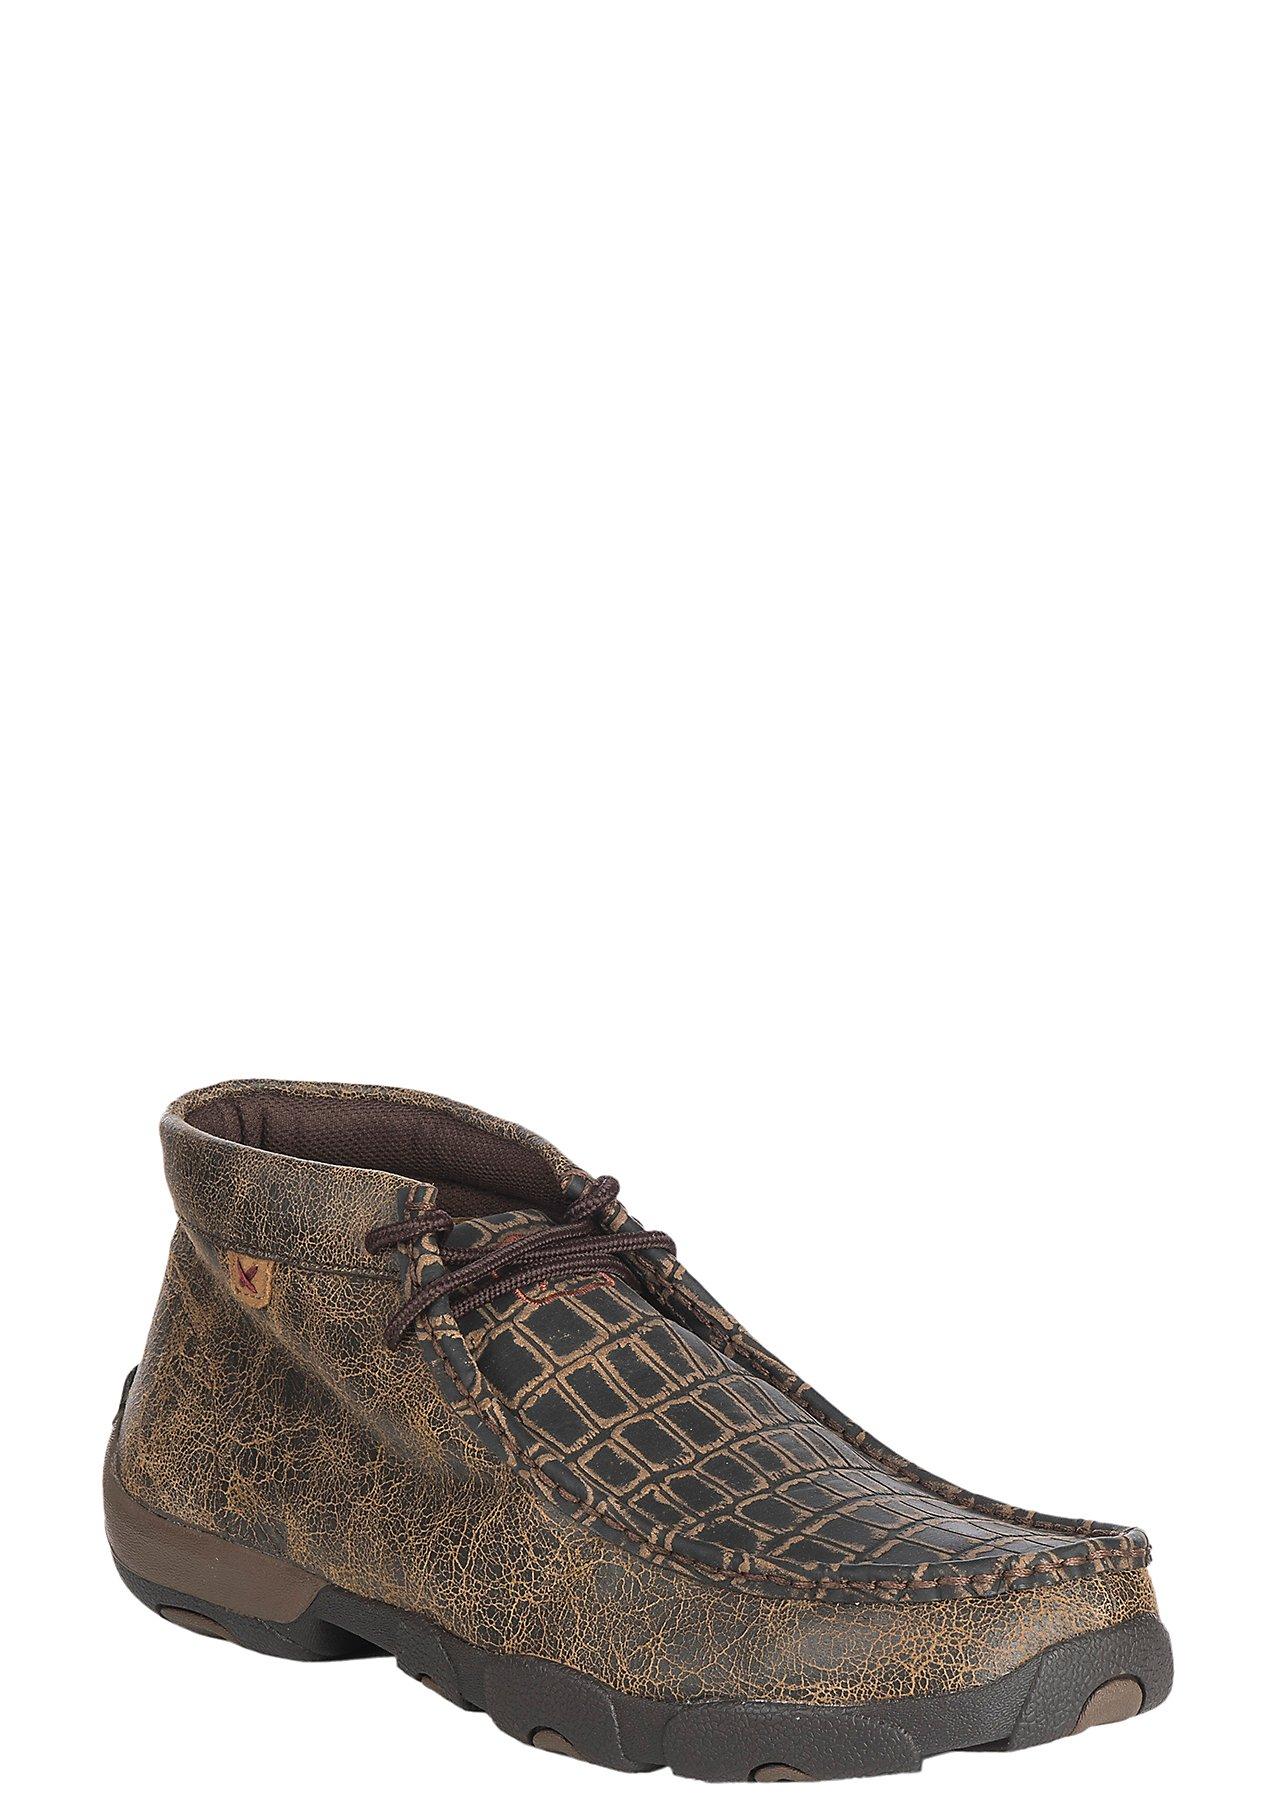 Shop Twisted X Boots Shoes Driving Mocs Cavender S # Model Table Telz En Bois